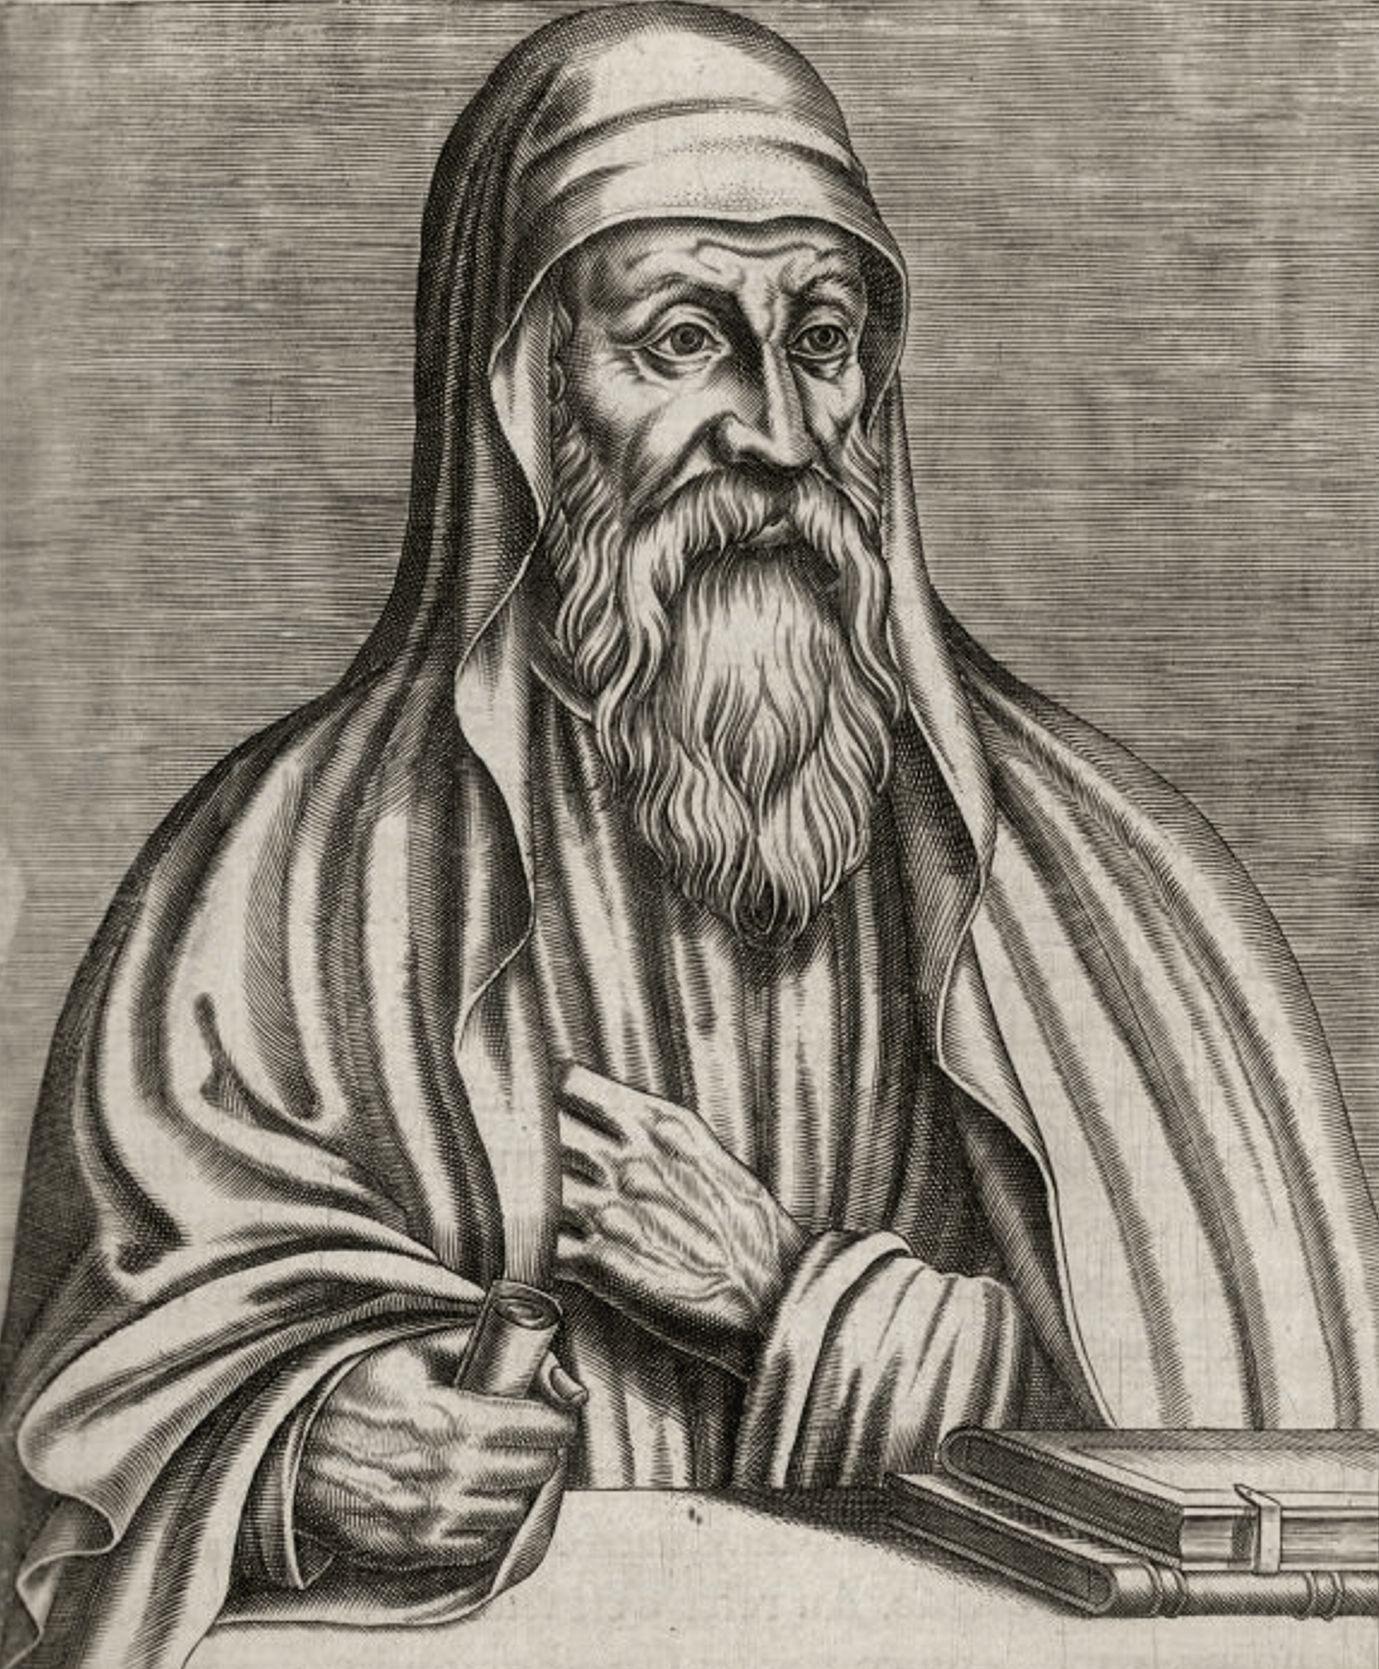 Orygenes dokonał autokastracji mając niewiele ponad 20 lat. Do dzisiaj nie wiadomo , który z fragmentów Pisma Świętego skłonił go do tak drastycznego kroku (źródło: domena publiczna).